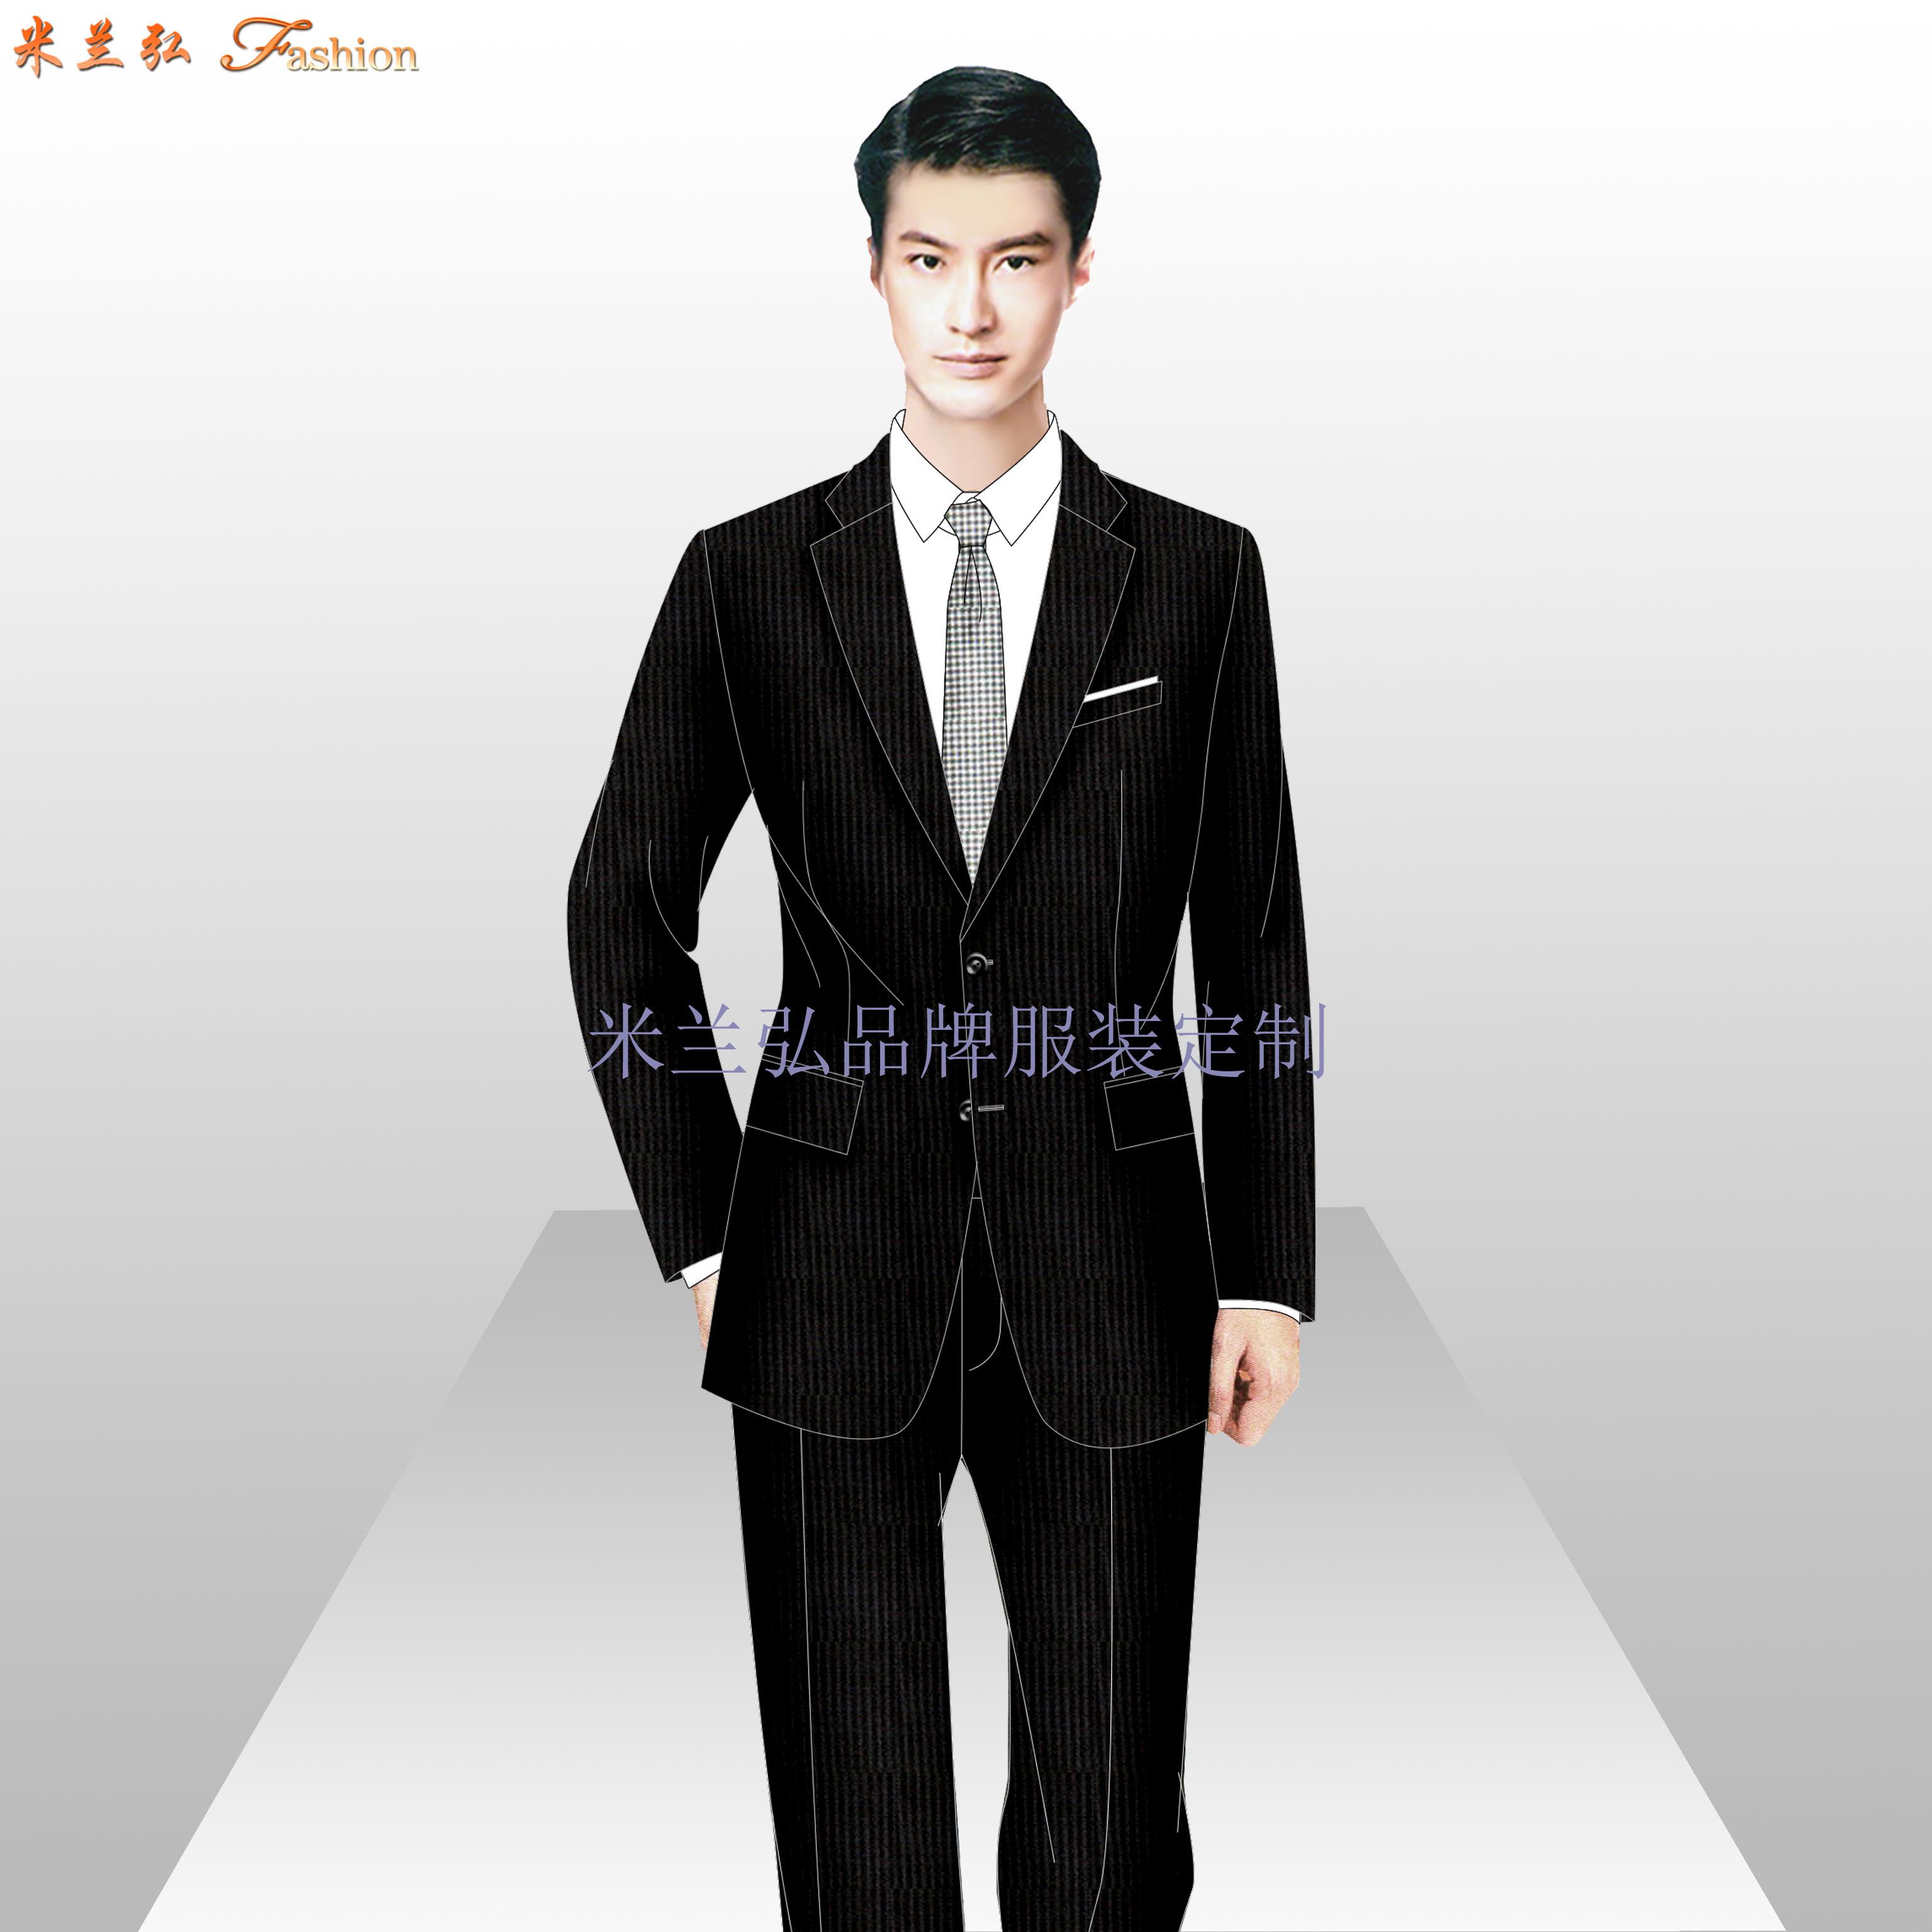 銀行服裝定做_金融機構正裝量身定制-米蘭弘服裝廠家-5